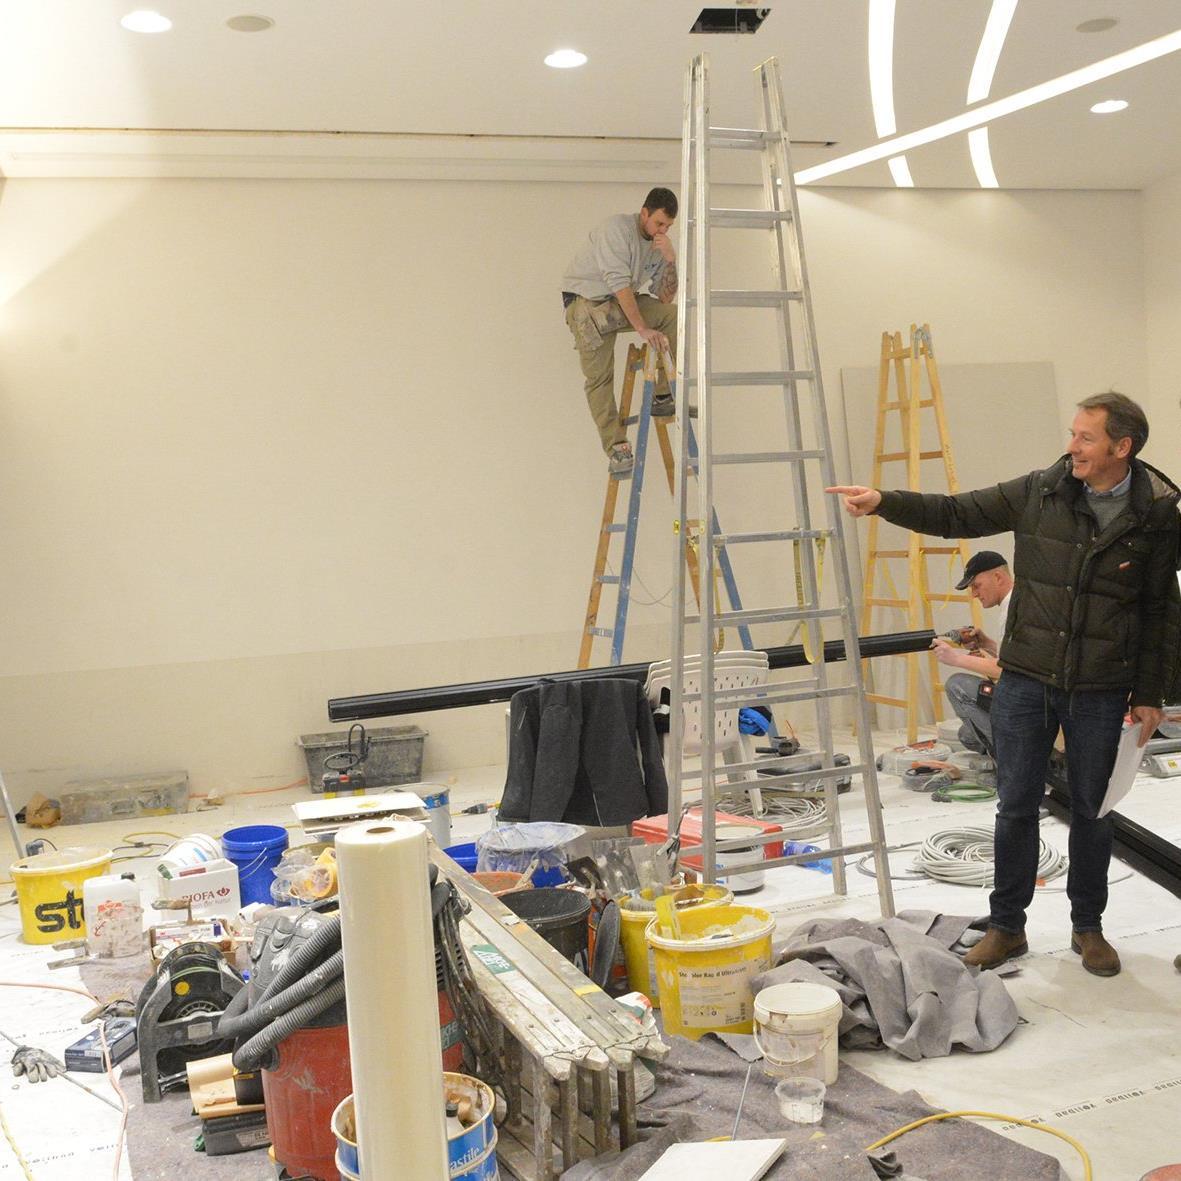 Bis zur offiziellen Eröffnung am 8. Dezember wird der Innenausbau komplettiert.